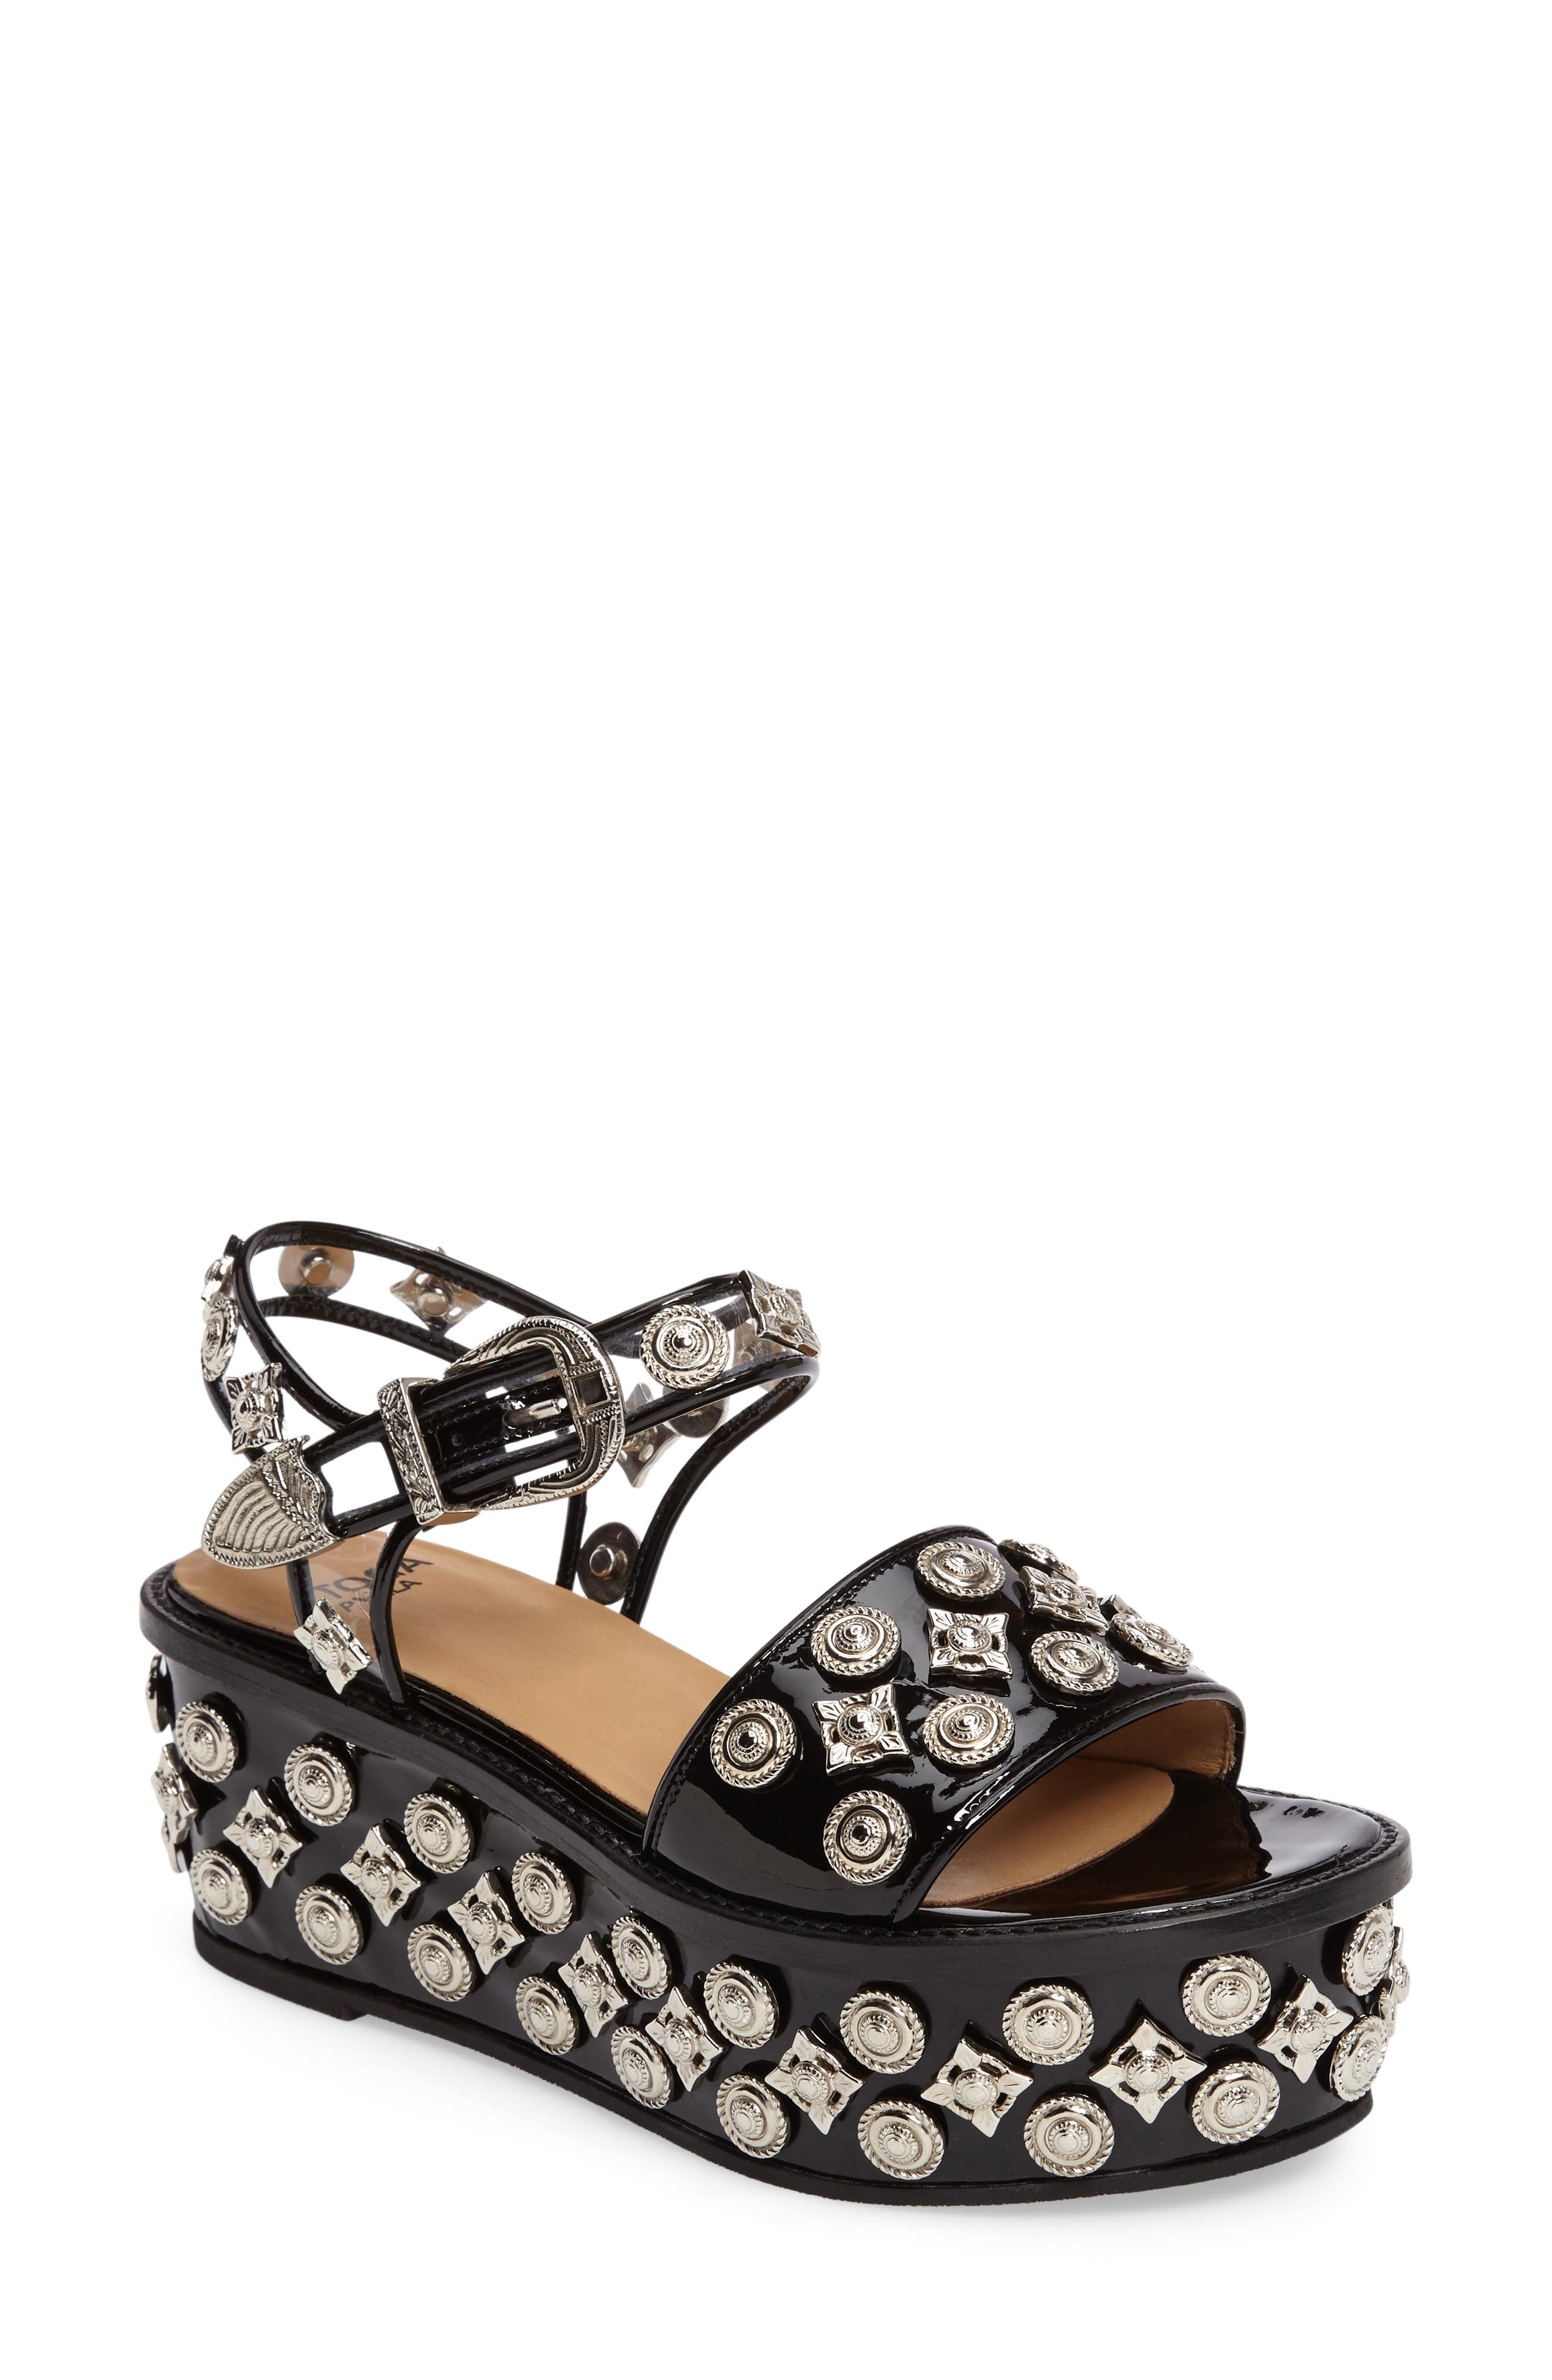 Alternate Image 1 Selected - TOGA PULLA Embellished Platform Sandal (Women)